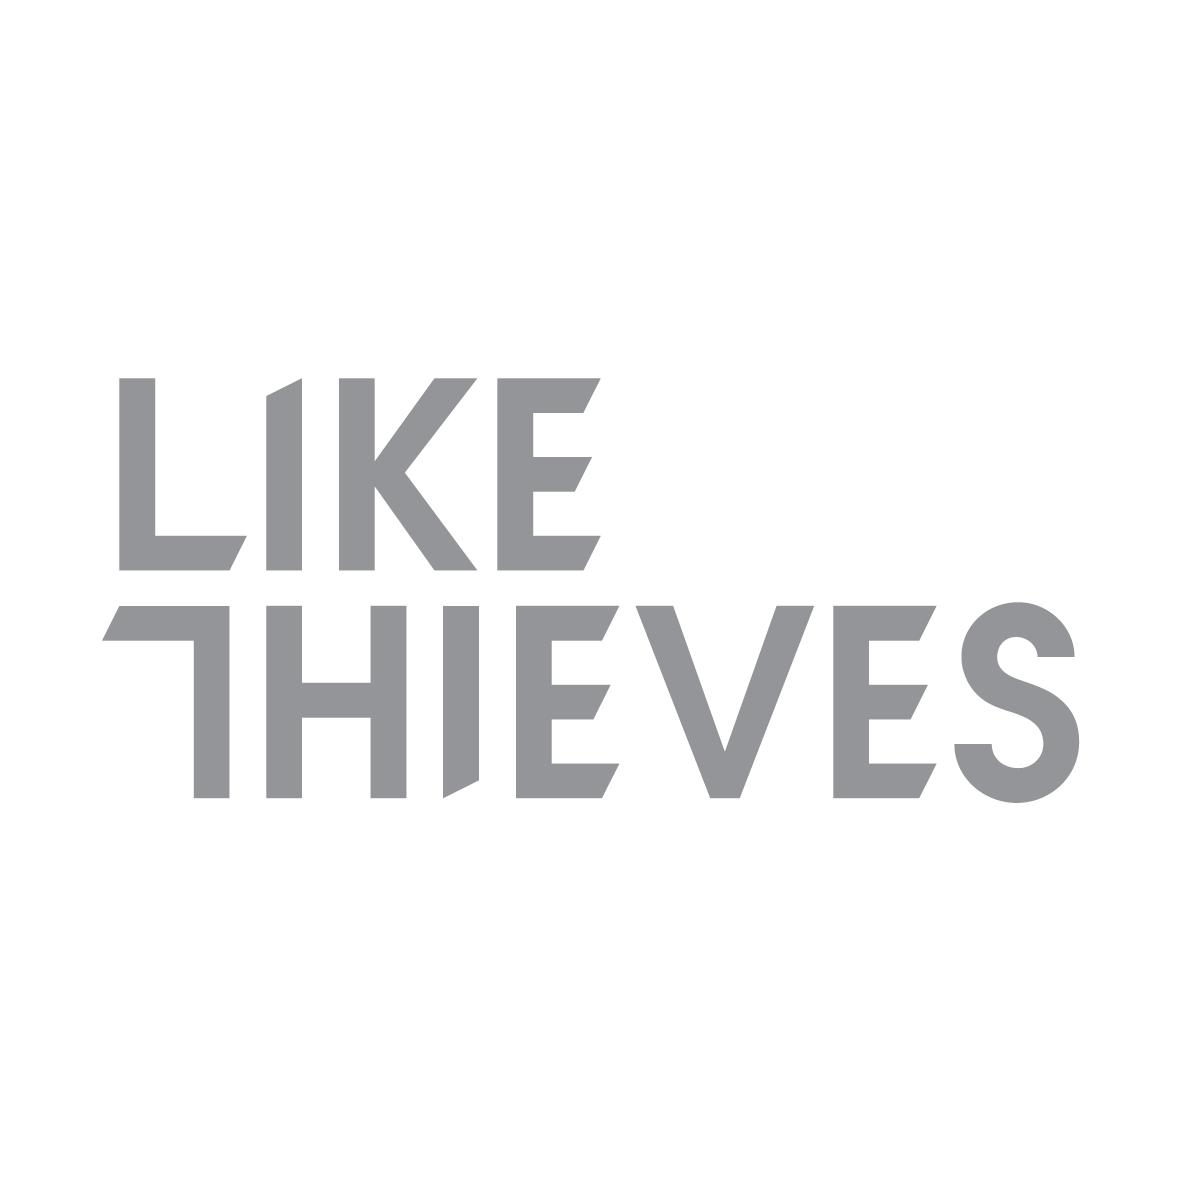 Logo - Like Thieves.jpg